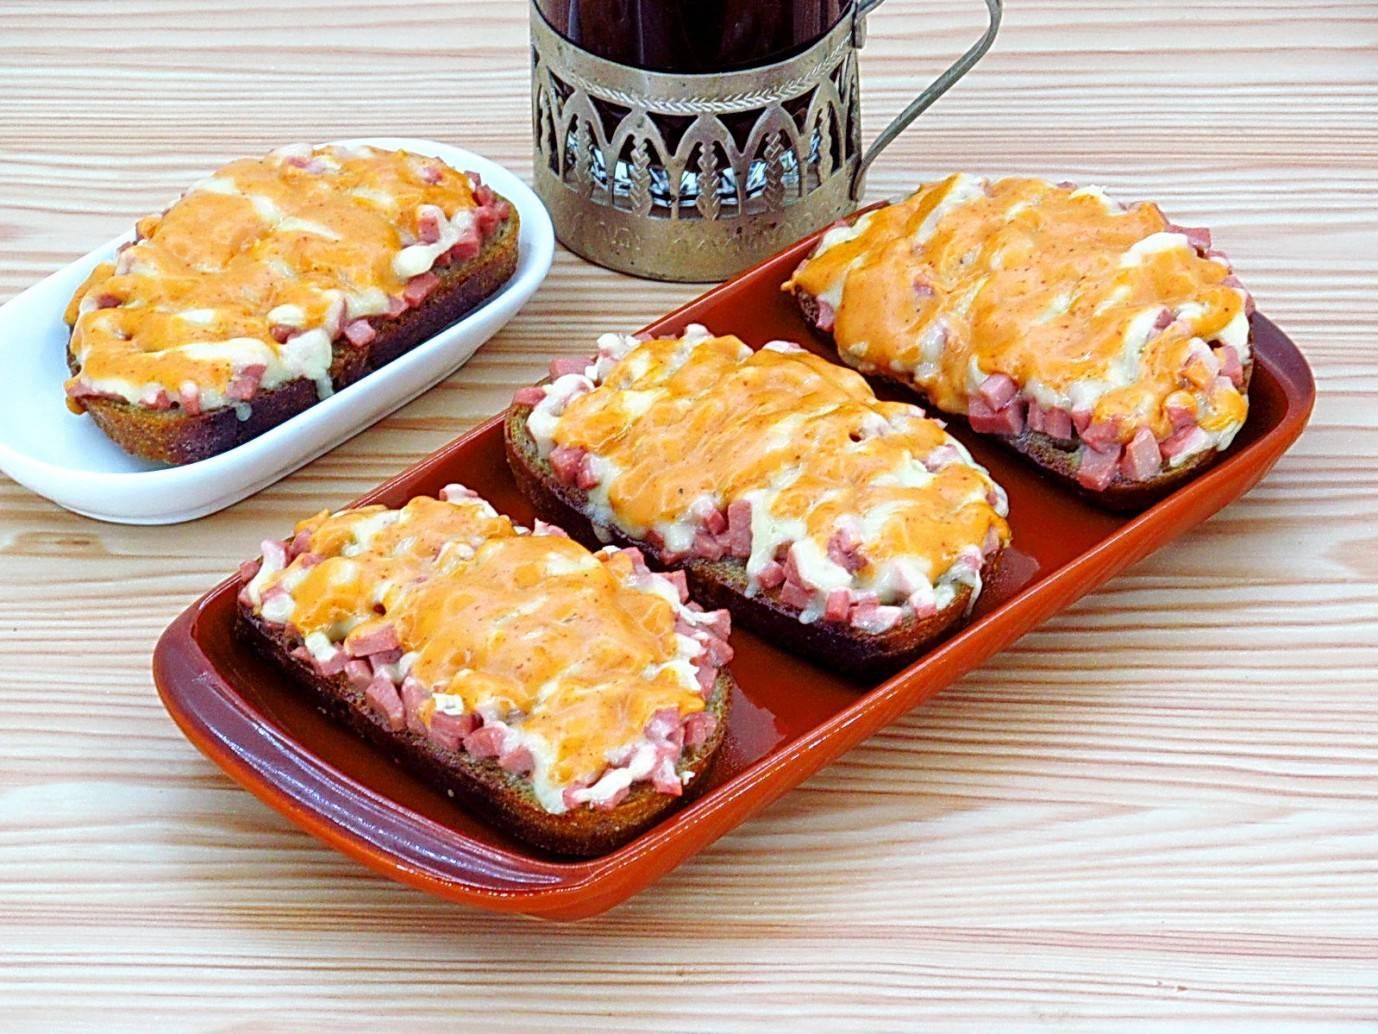 Горячие бутерброды с колбасой, сыром и яйцом - 9 пошаговых фото в рецепте